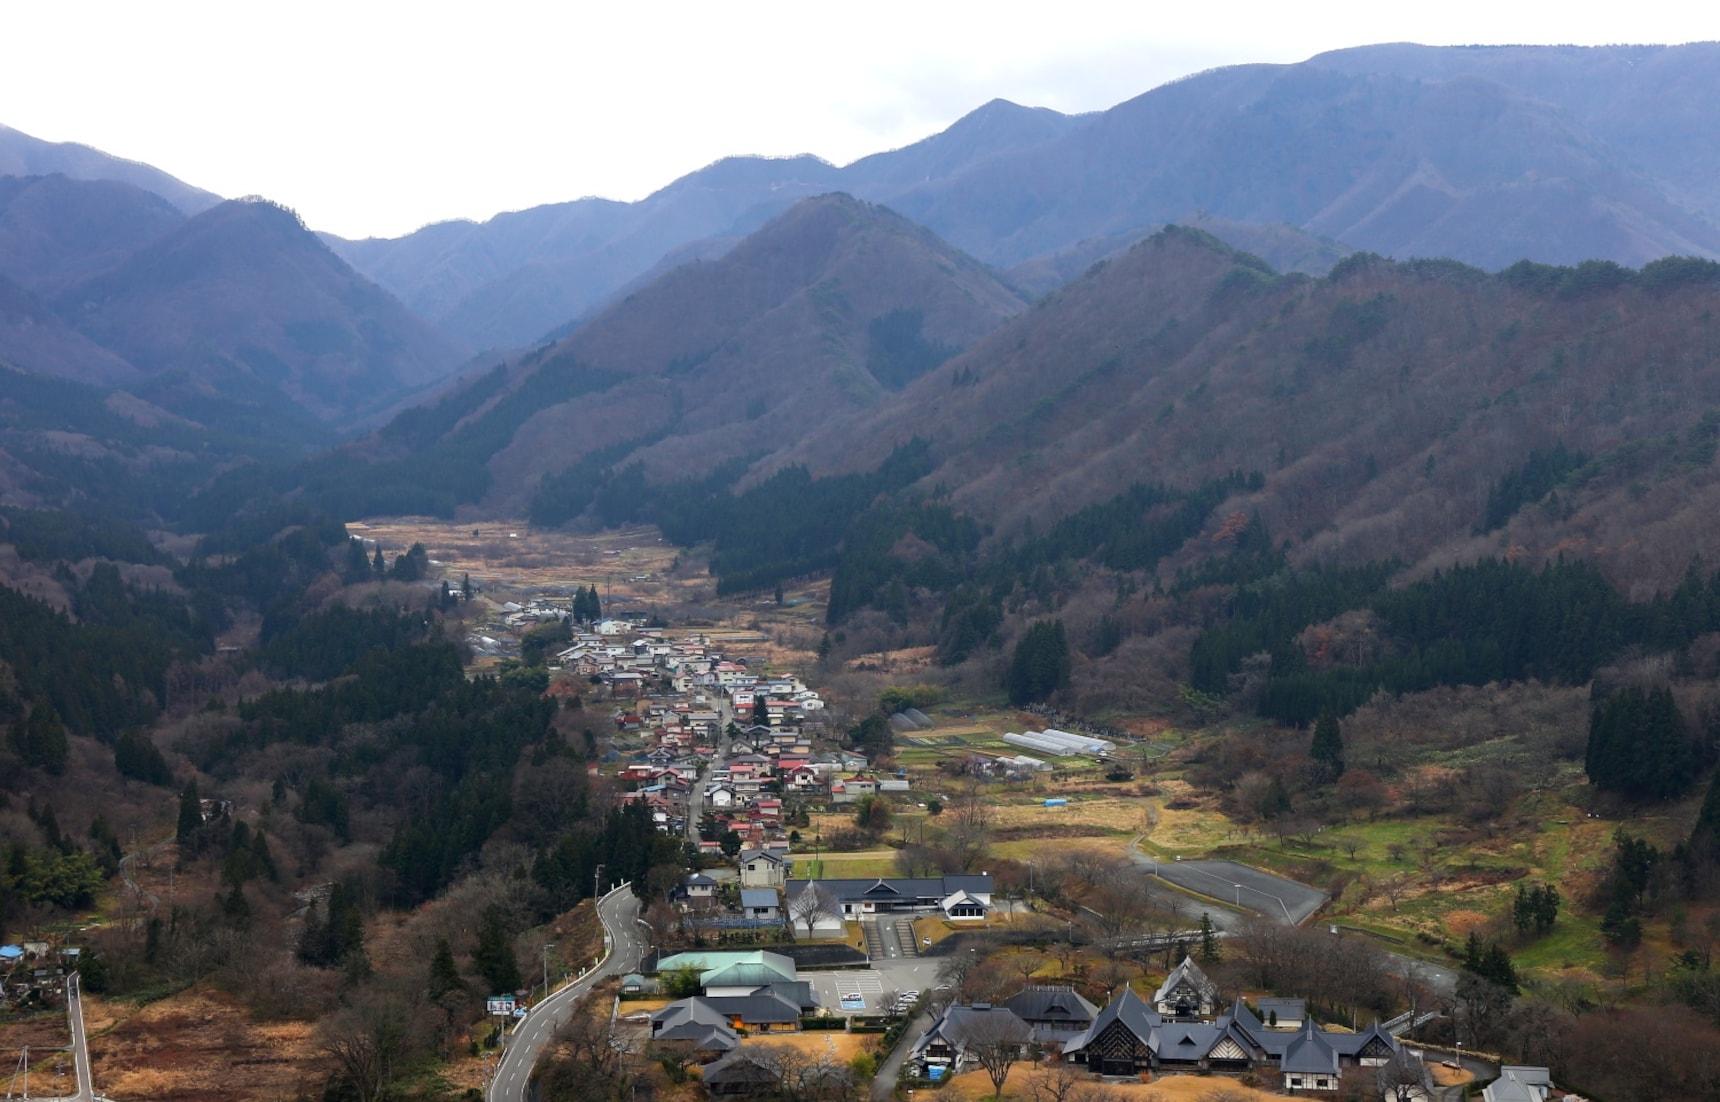 一个人旅行&冬之东北:山寺绝景朝圣+作并温泉泡汤好治愈。